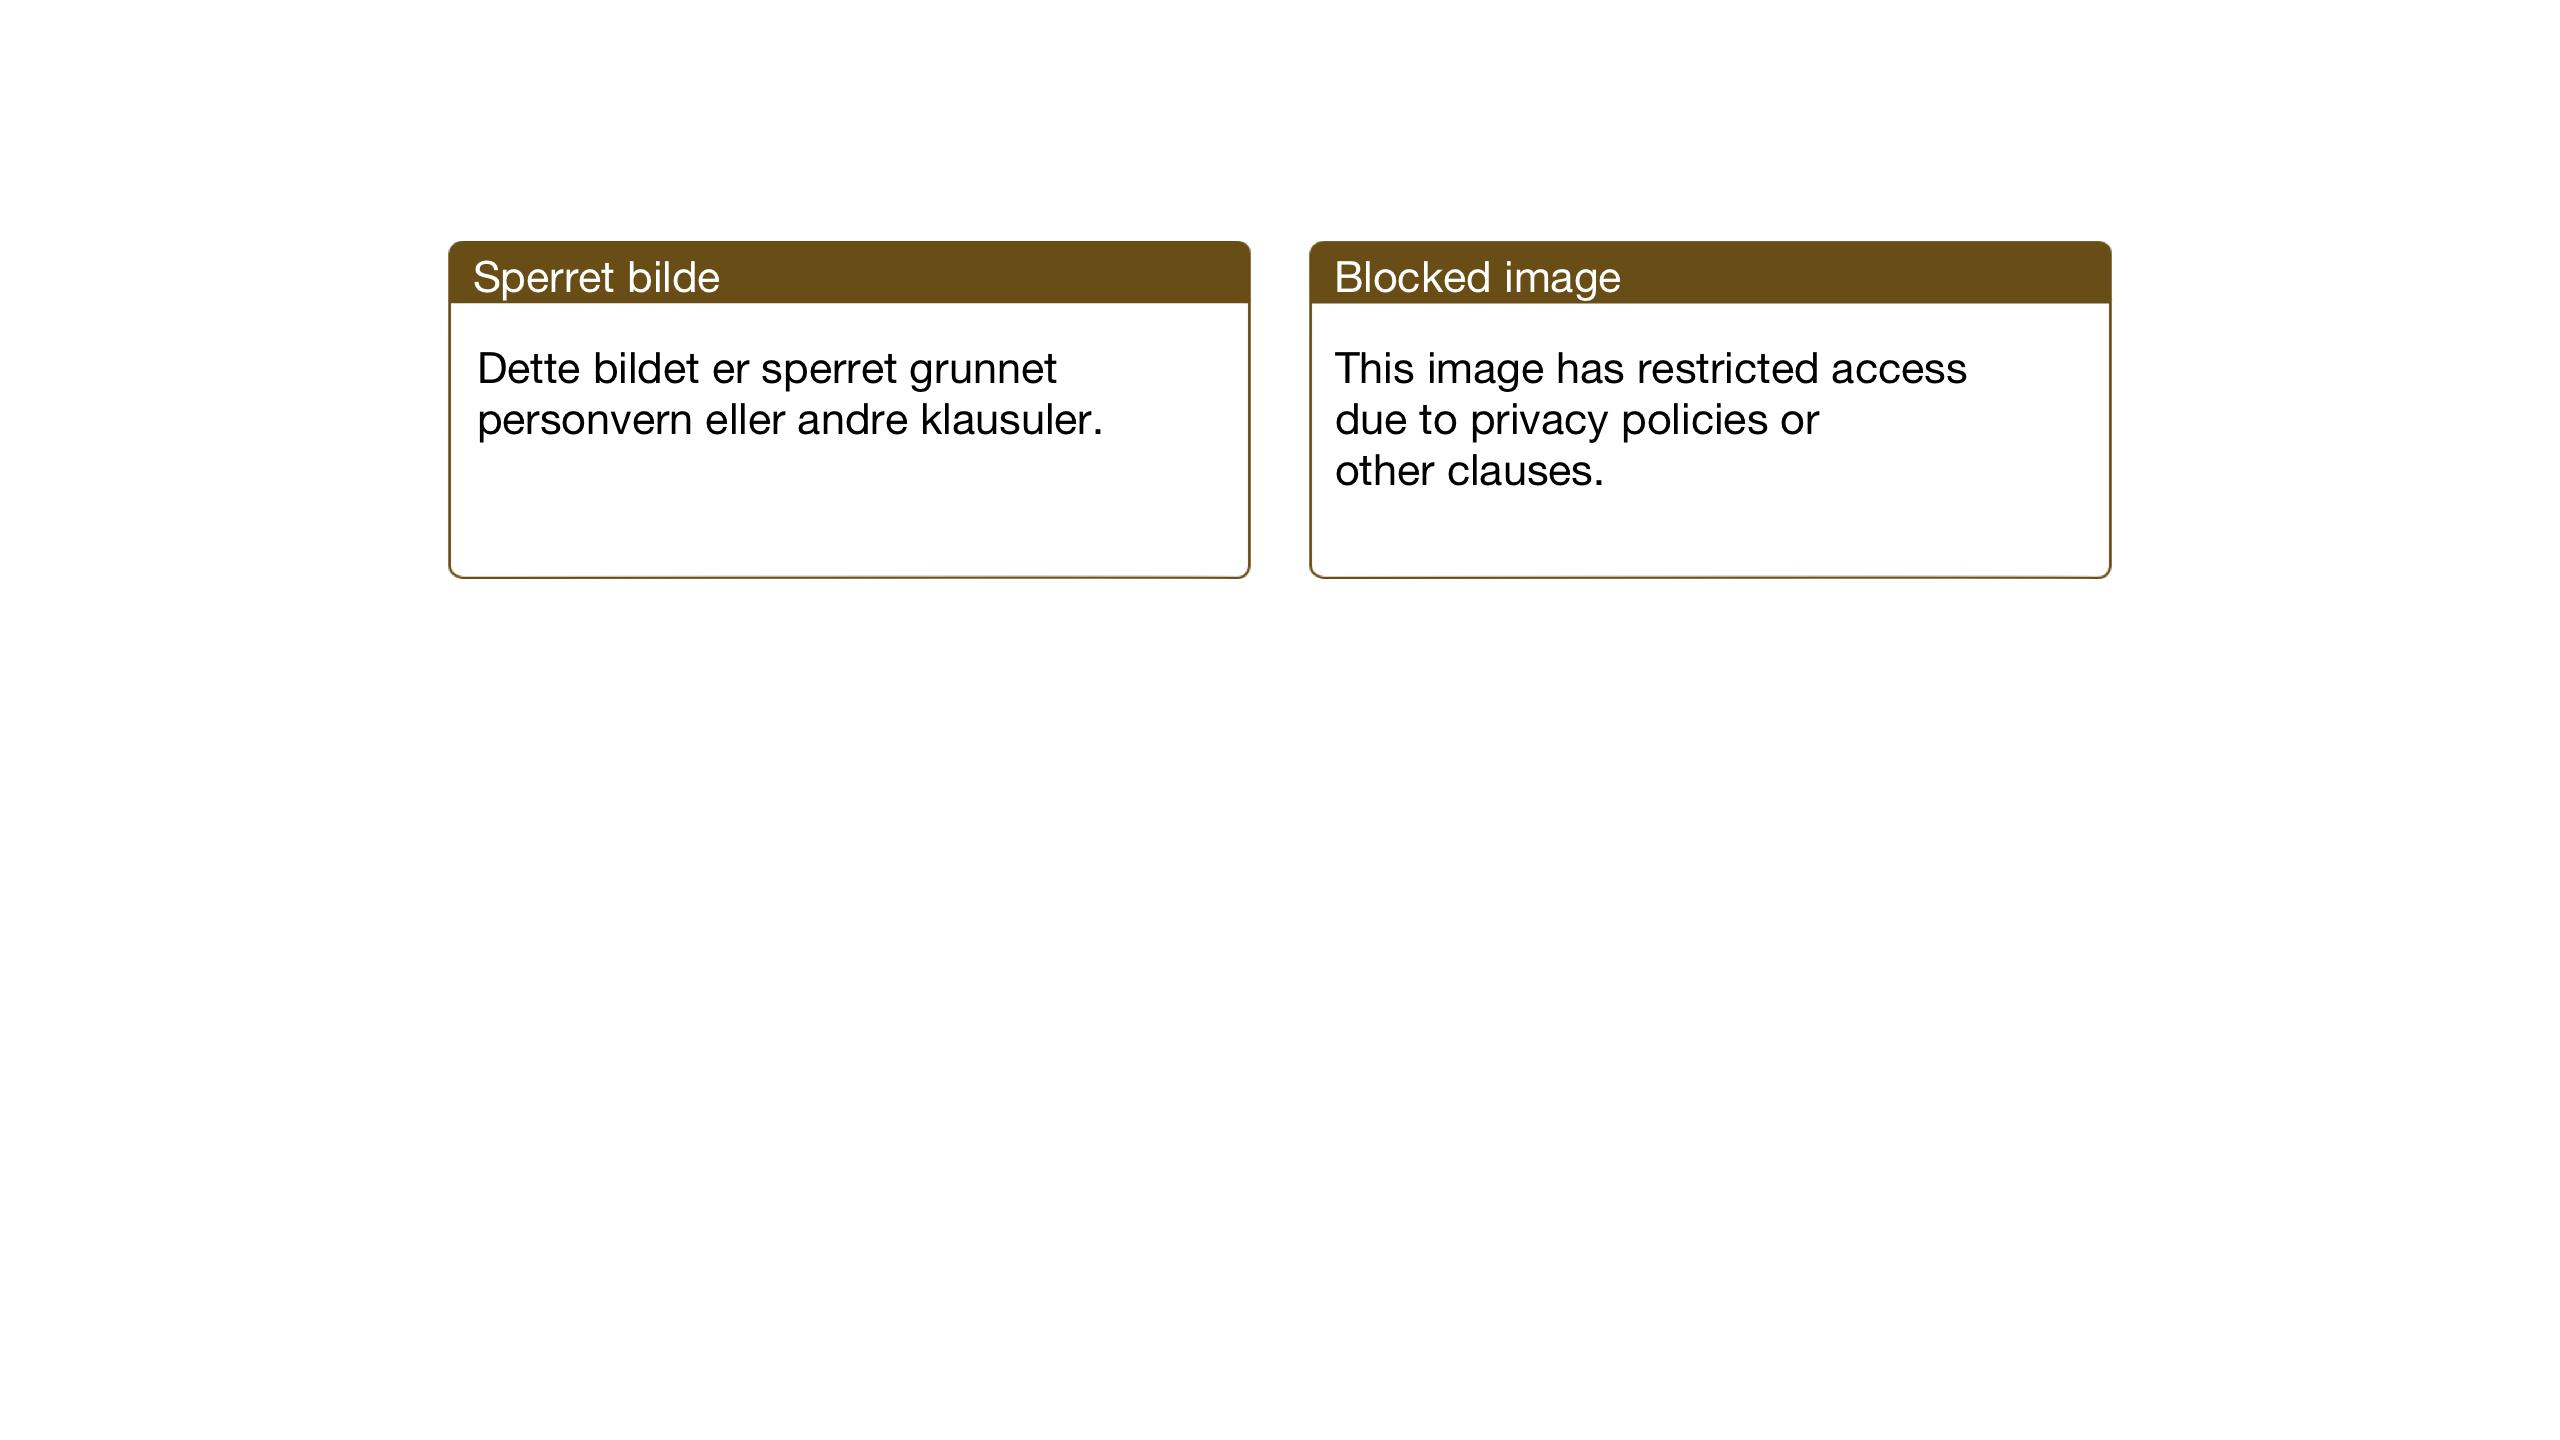 SAT, Ministerialprotokoller, klokkerbøker og fødselsregistre - Sør-Trøndelag, 681/L0943: Klokkerbok nr. 681C07, 1926-1954, s. 313